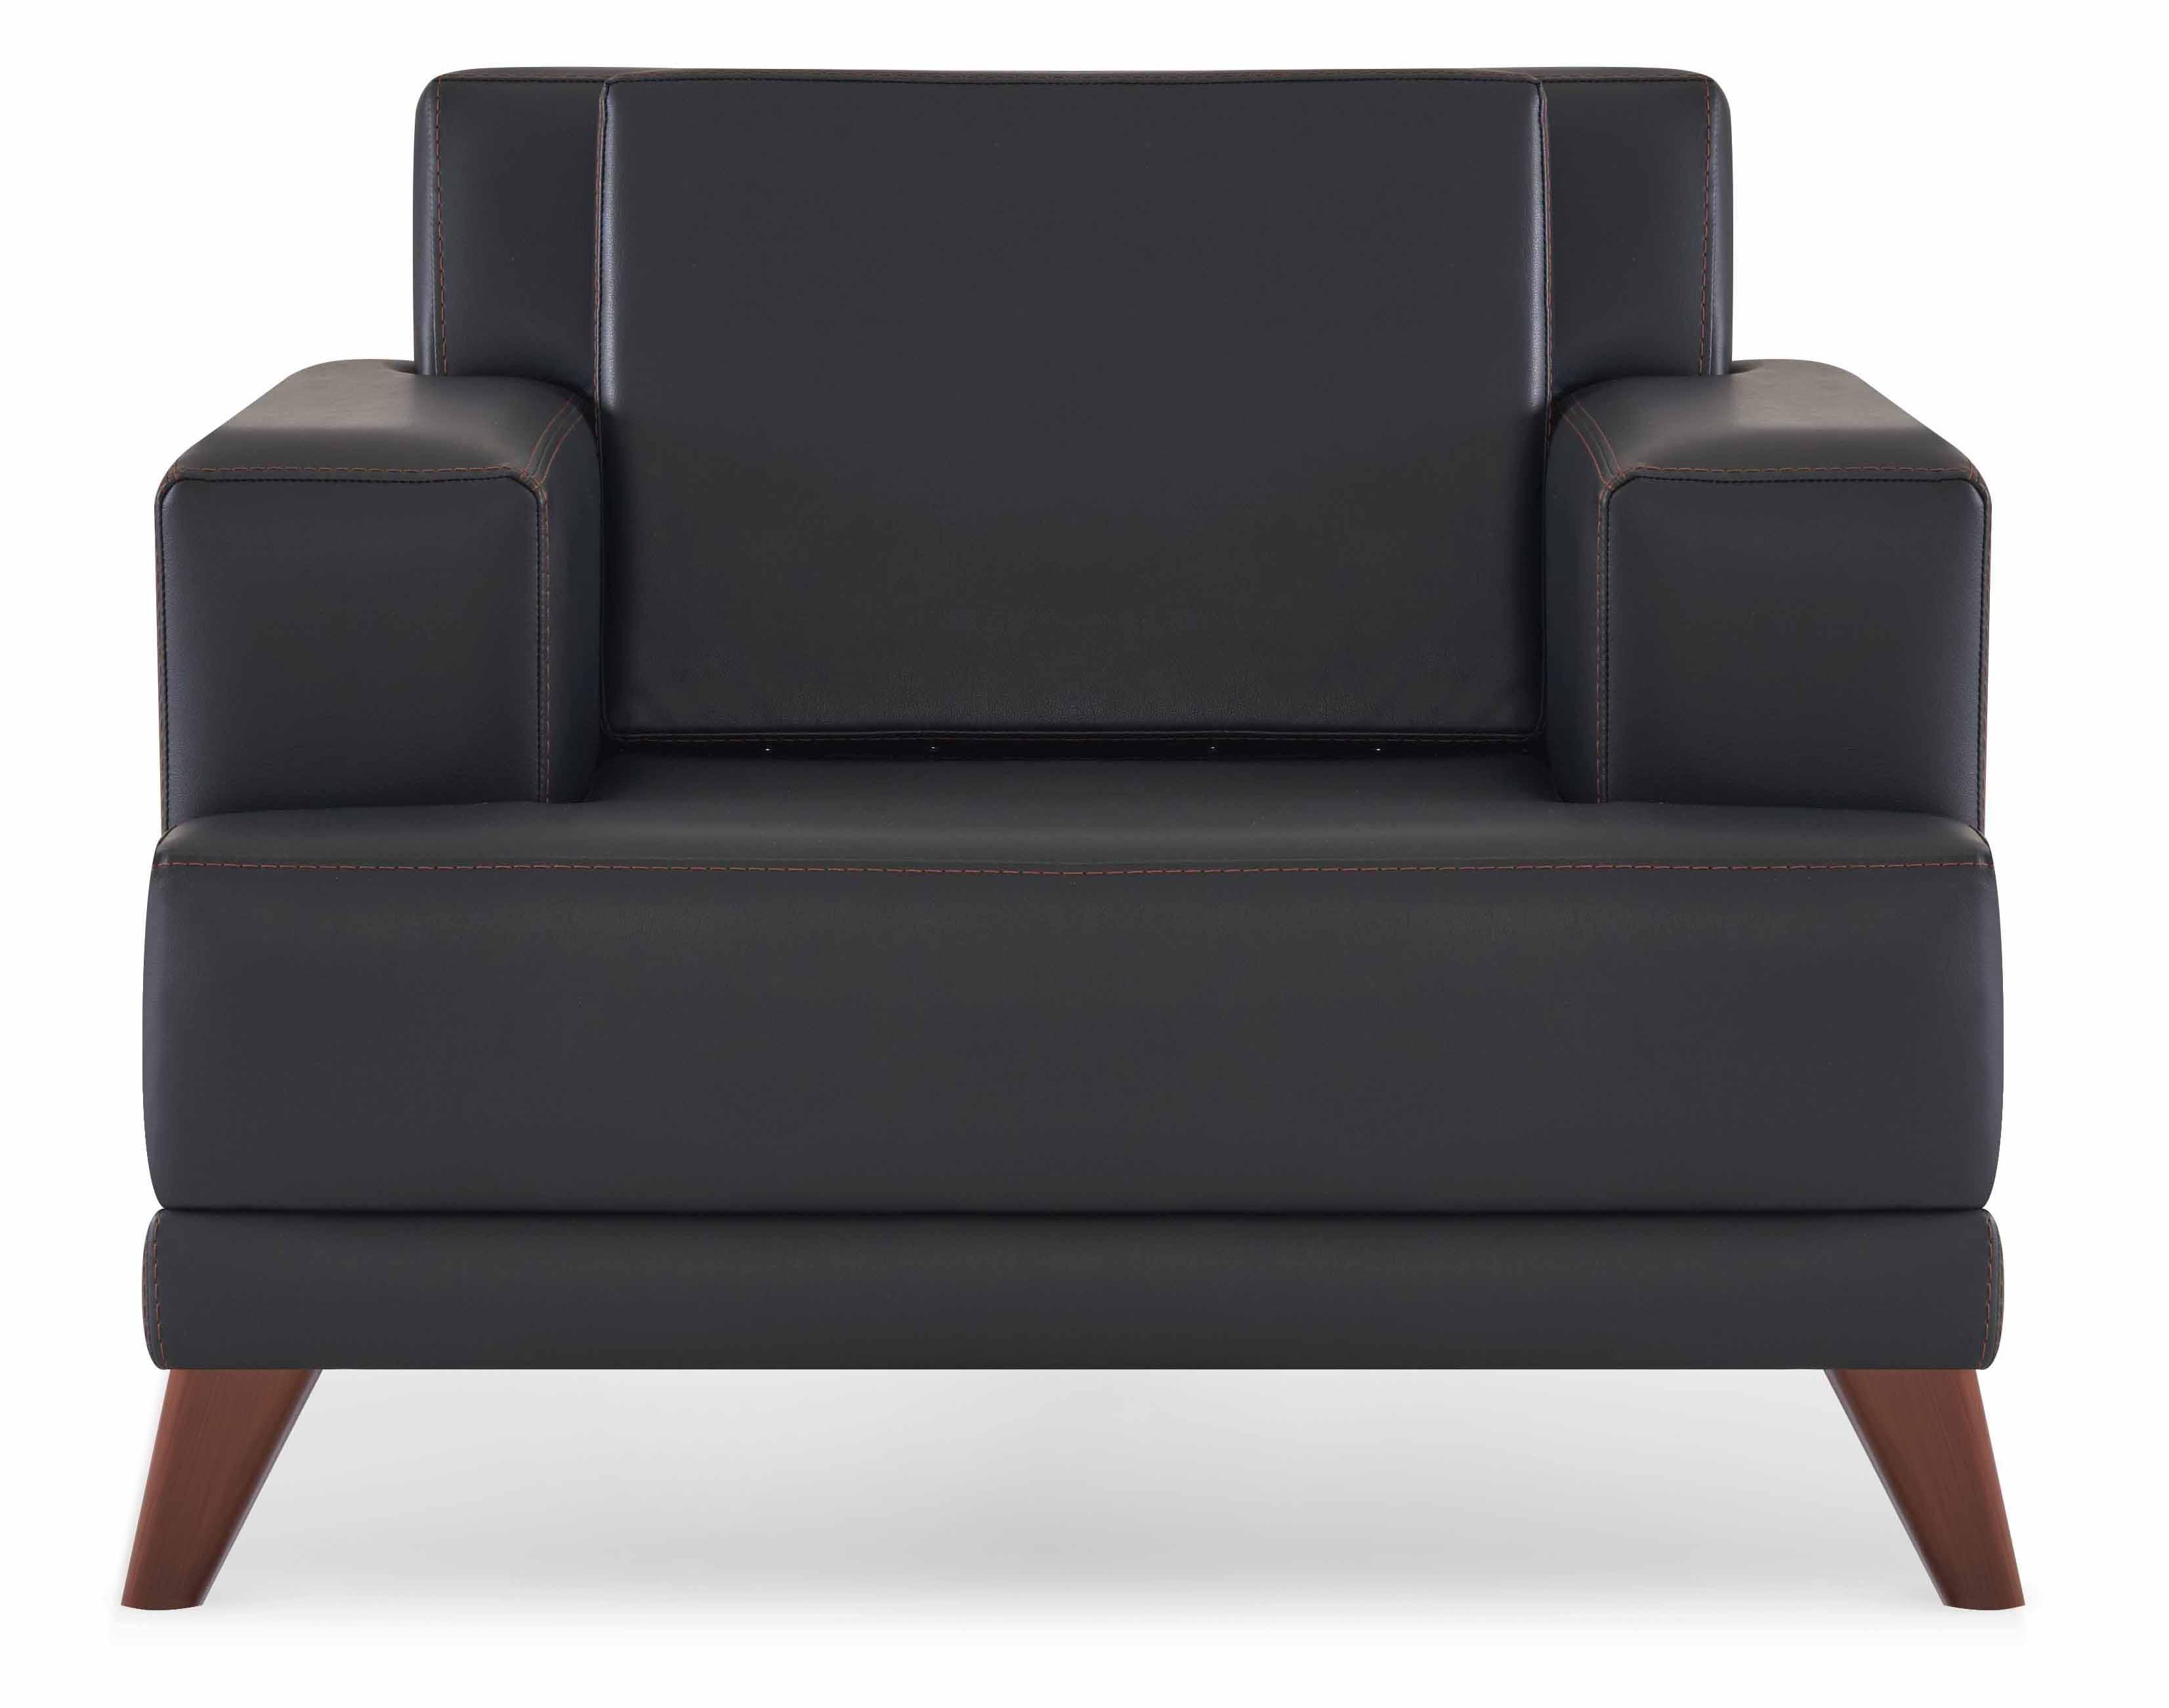 marka sessel schwarz g nstig kaufen m bel star. Black Bedroom Furniture Sets. Home Design Ideas